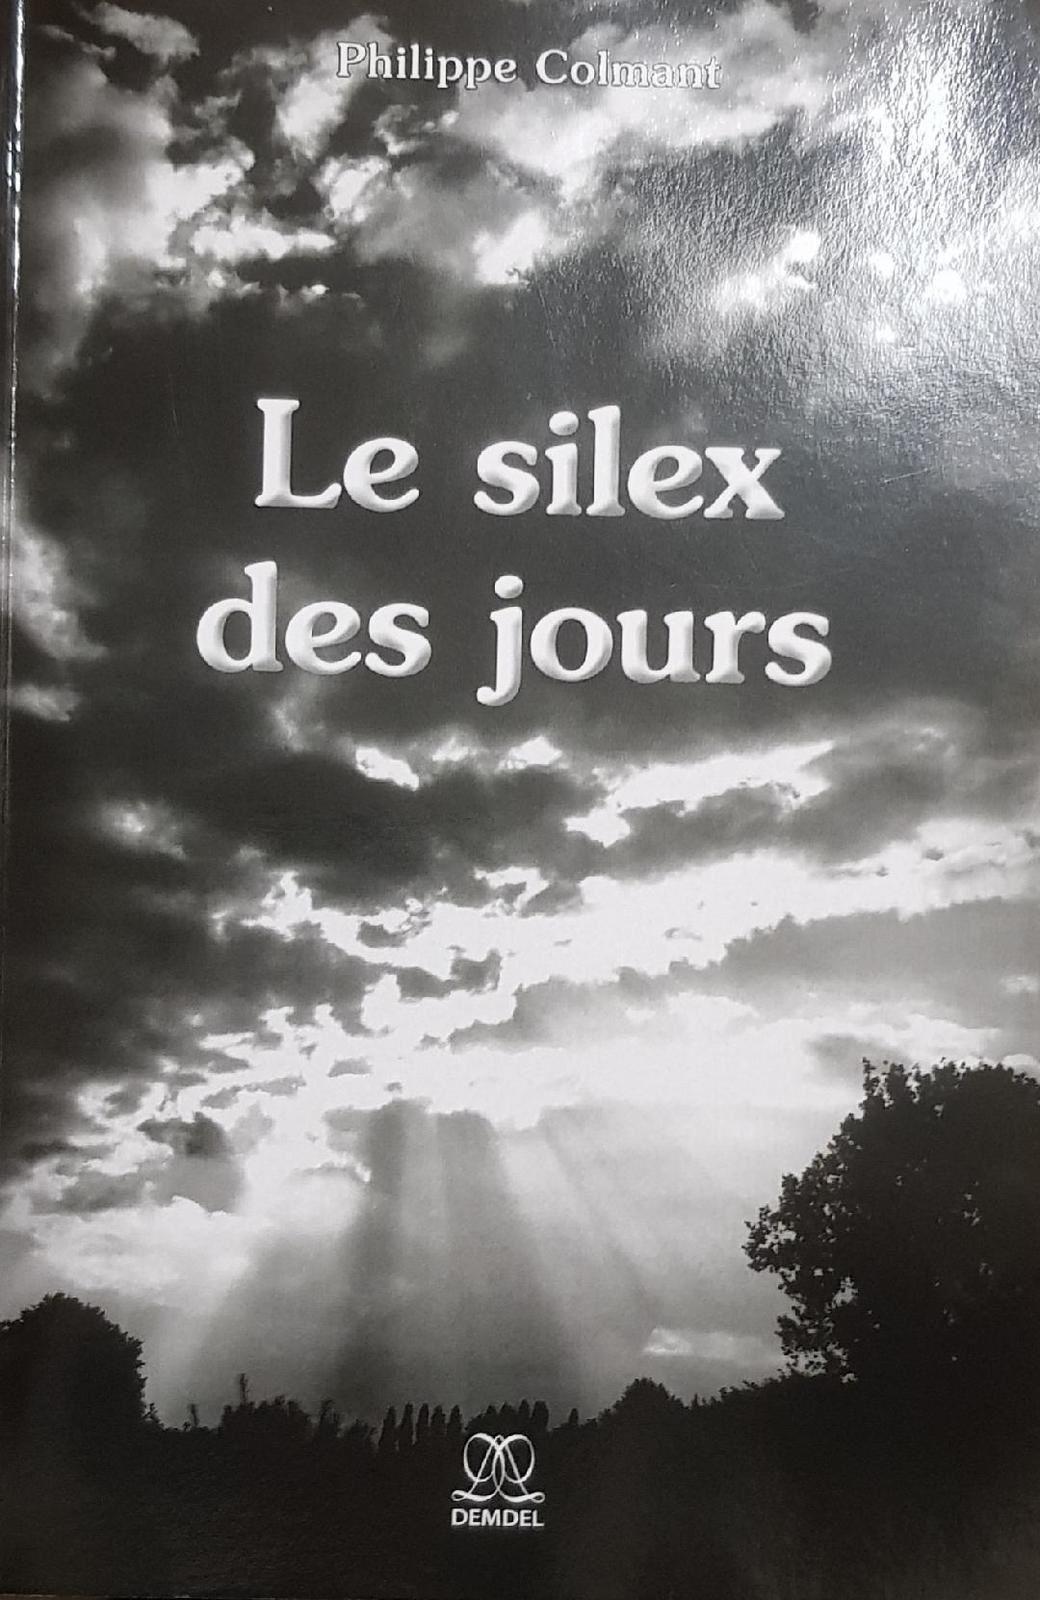 Le silex des jours, Philippe Colmant